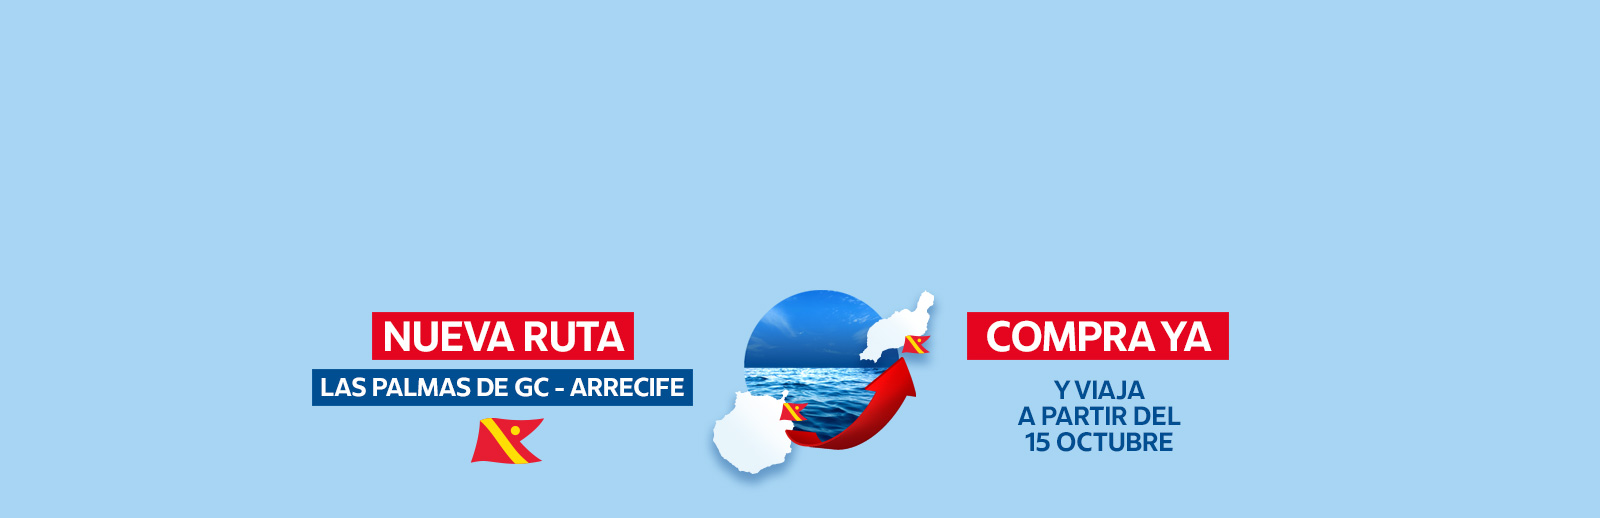 https://www.fredolsen.es/archivos/images/destacados/Ruta_LasPalmas_Arrecife/Banner_WEB_Ruta-Nueva_ES.jpg